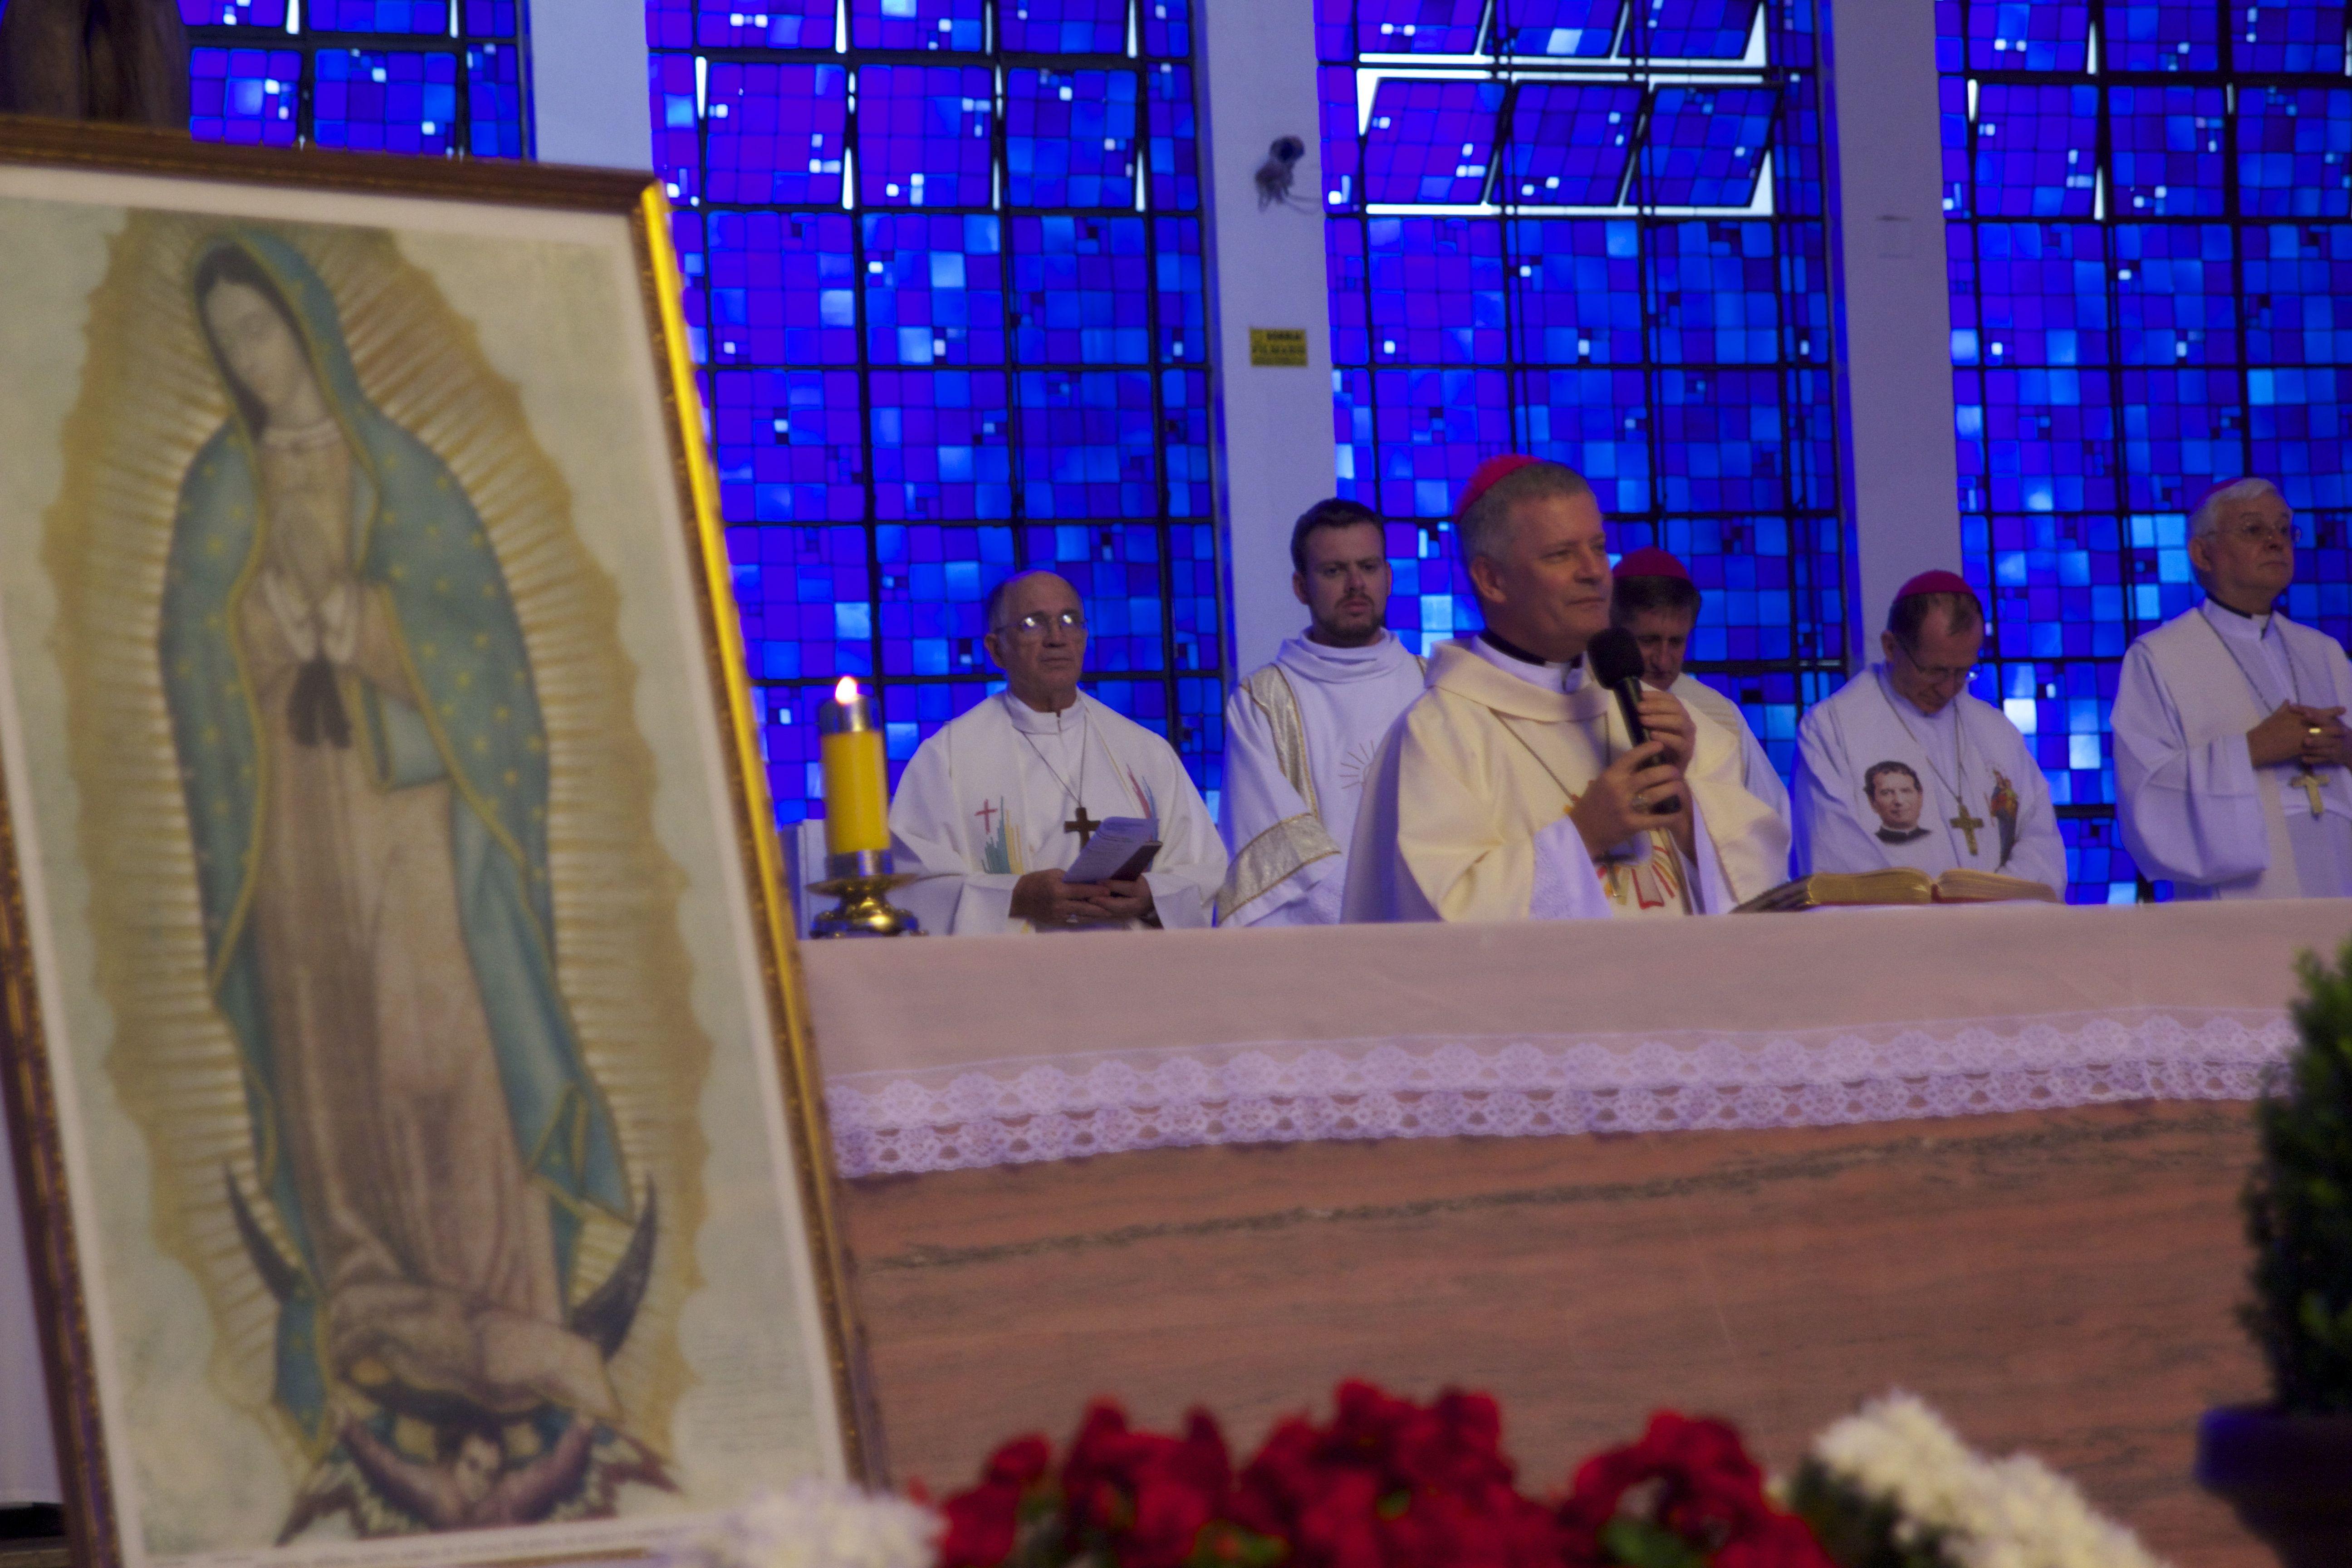 Que o jovem leve Cristo a outros a exemplo da Virgem Maria, ressalta Dom Villar